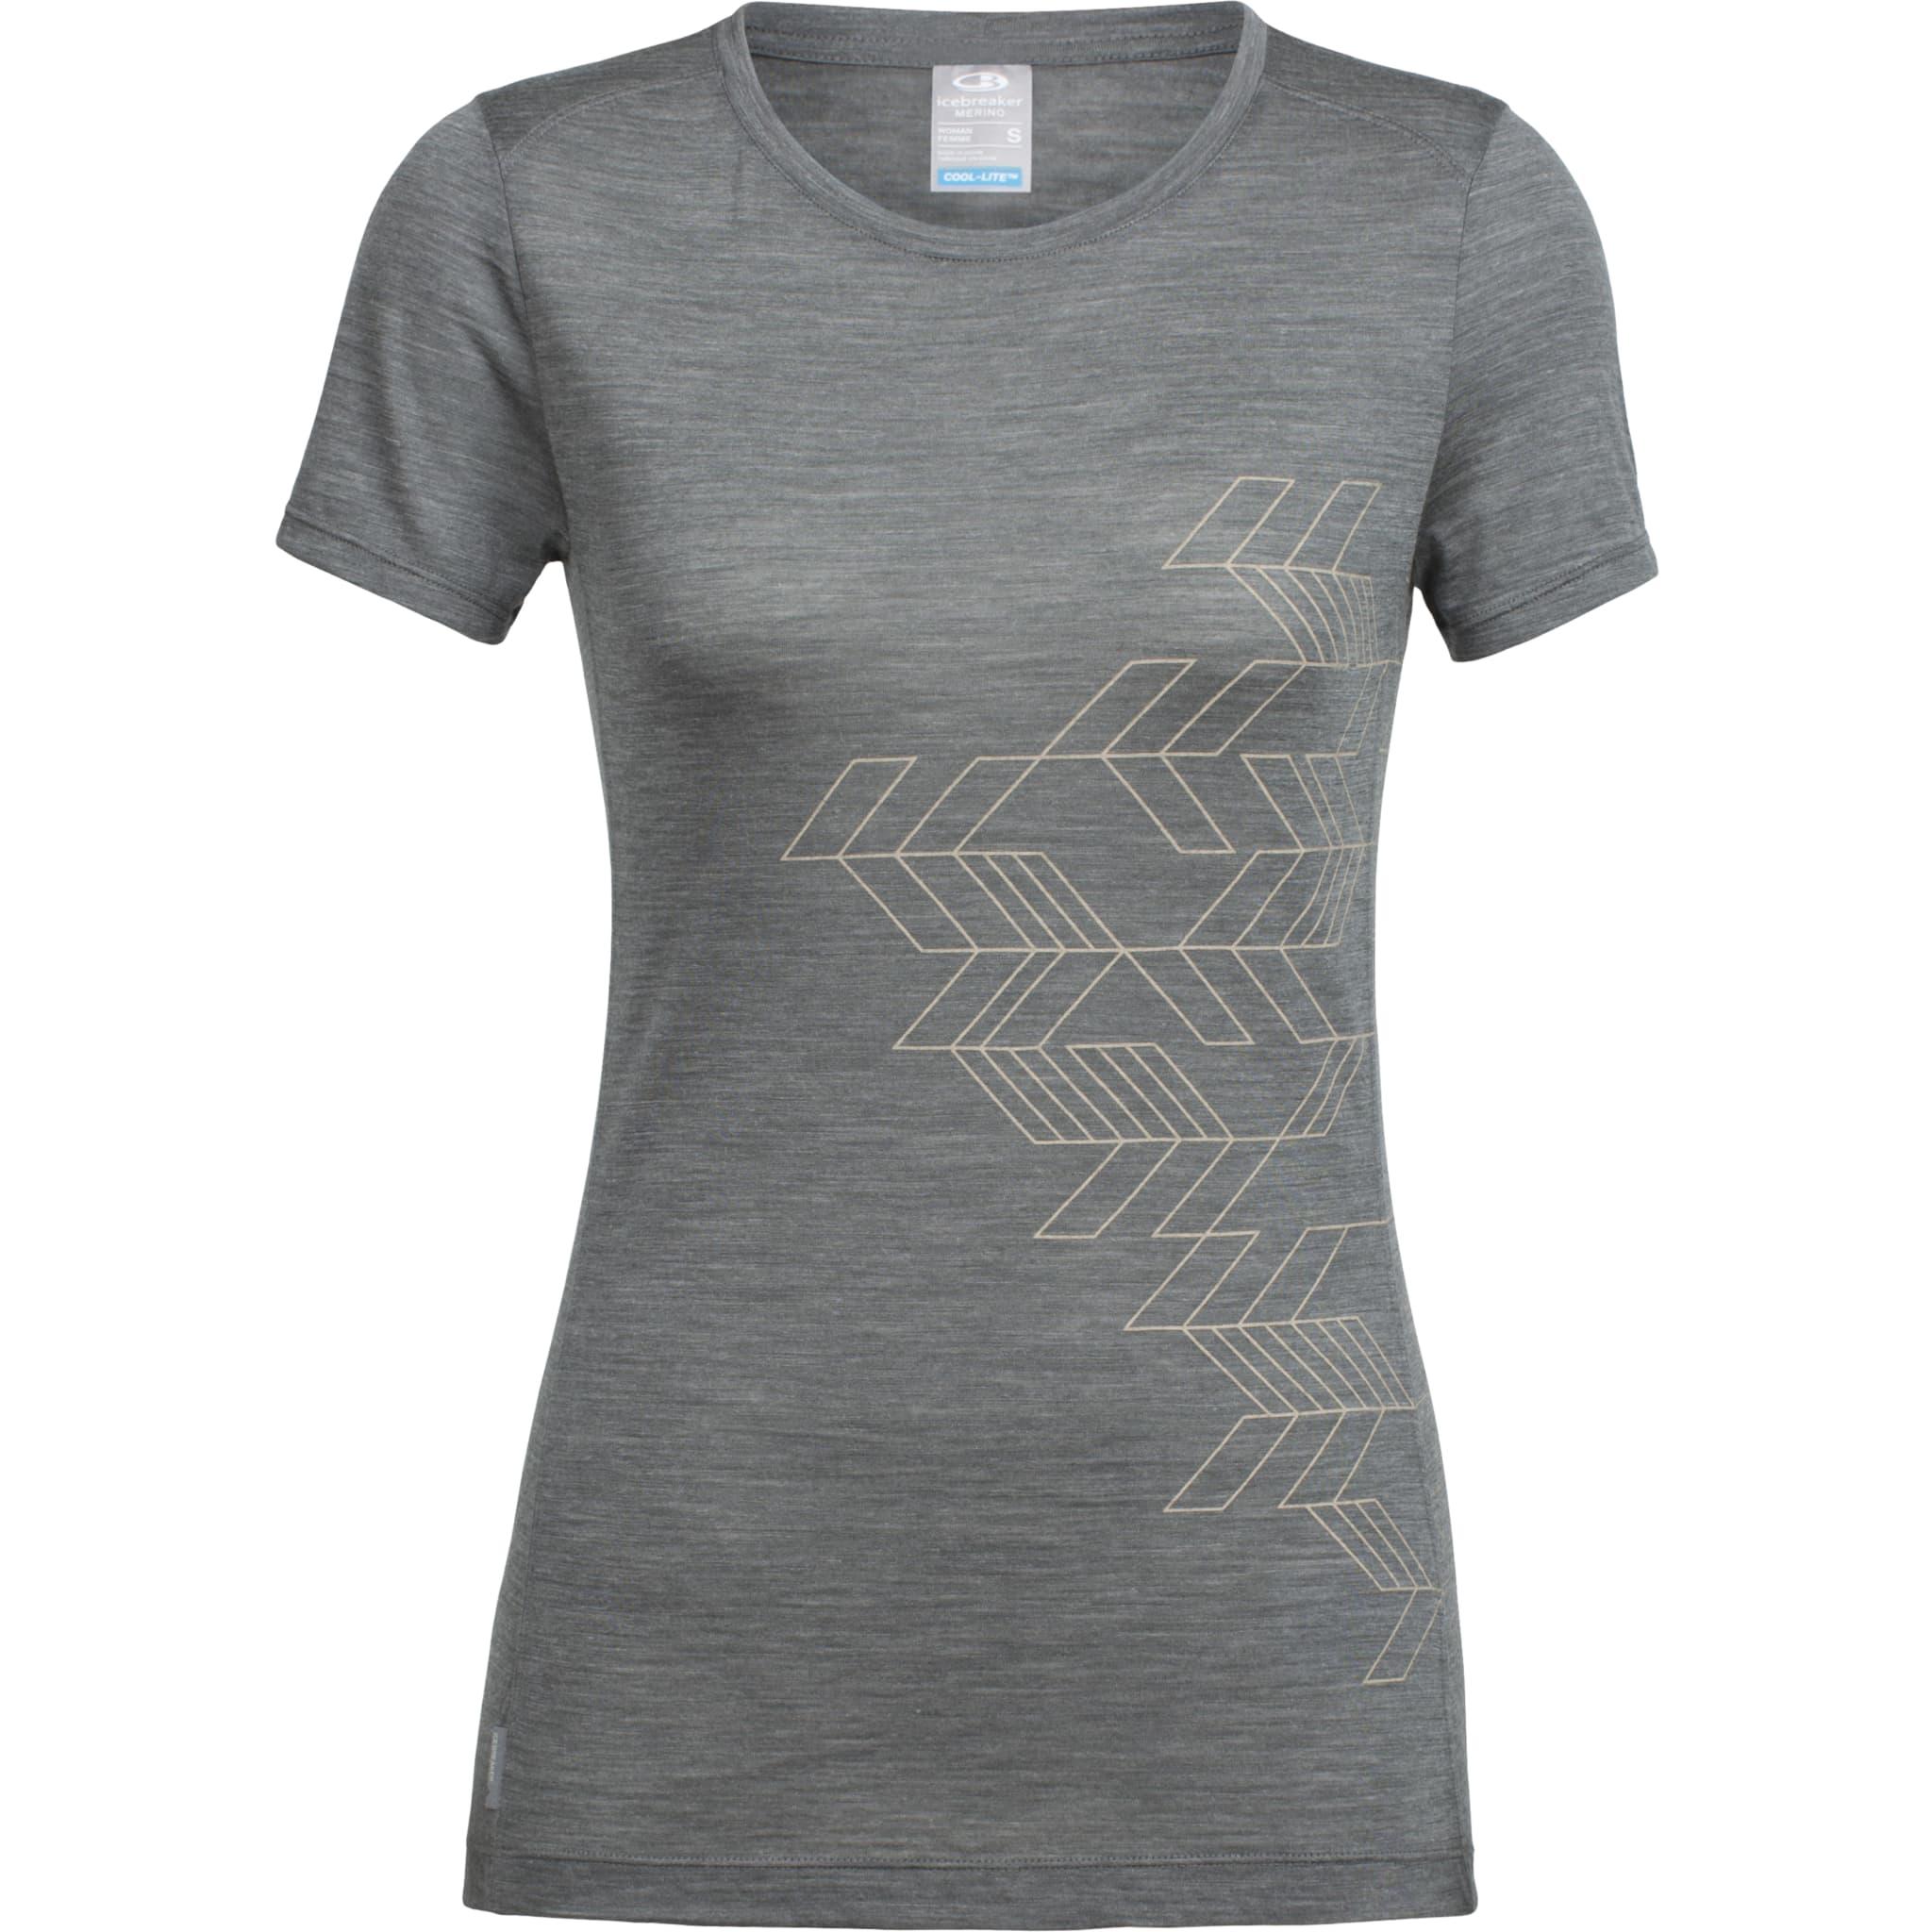 Korterma skjorte i tynn merinoull perfekt til trening og reise